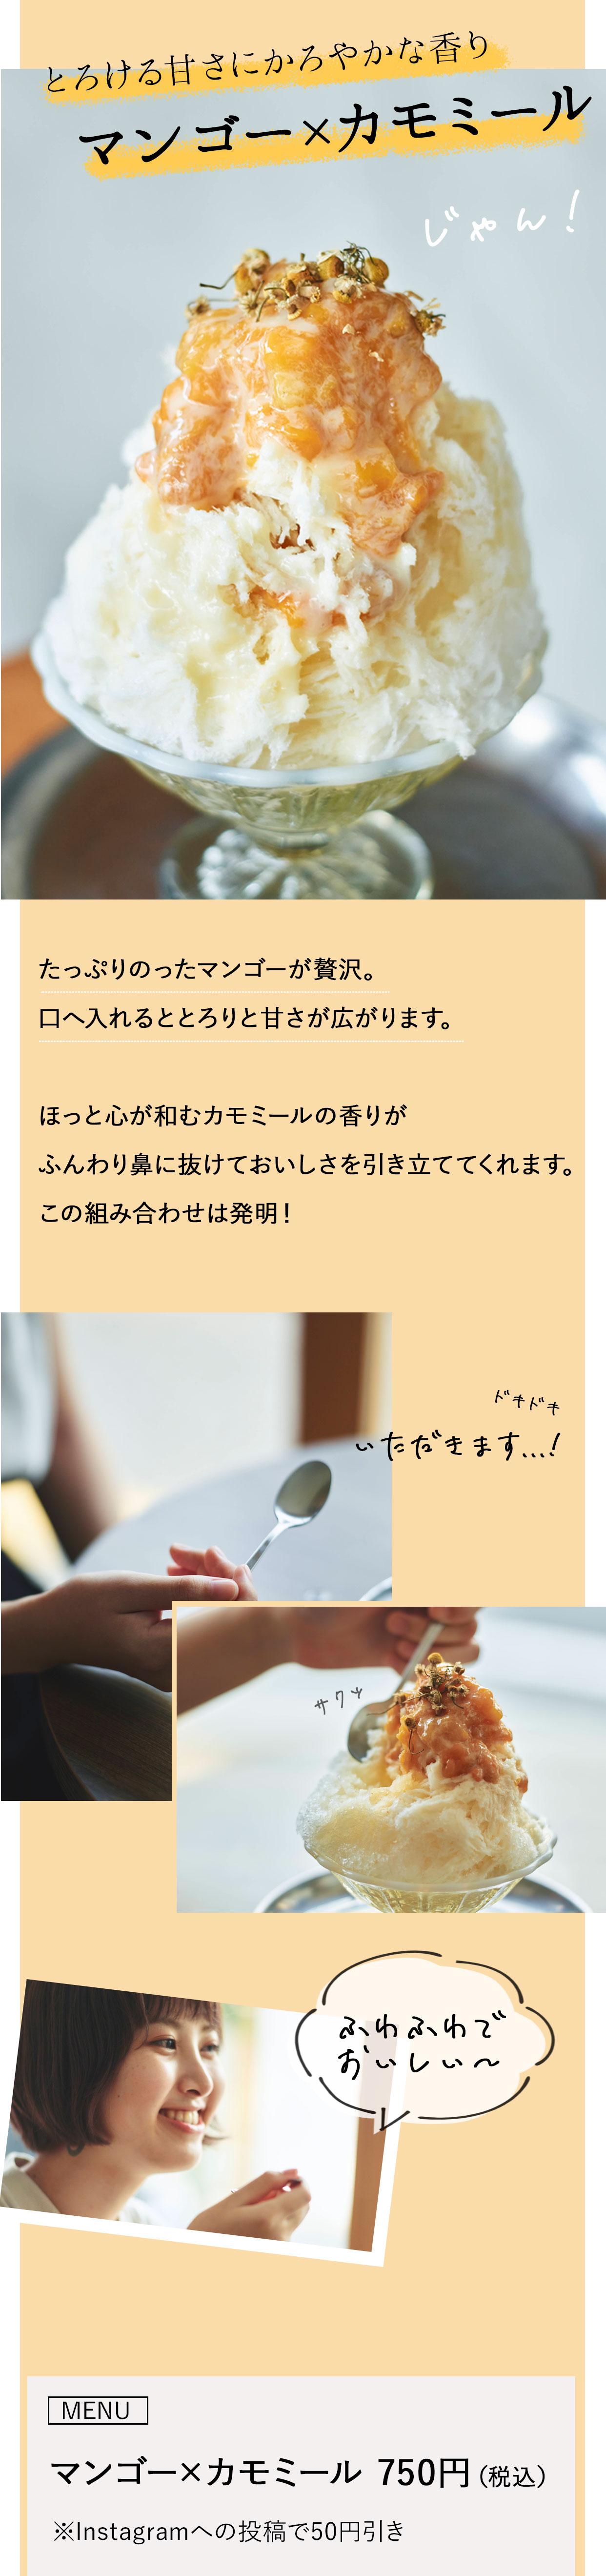 """フルーツとハーブのマリアージュ、「MINGLE」で夏の終わりに""""咲く""""かき氷を。 - mgle kakigori 02"""